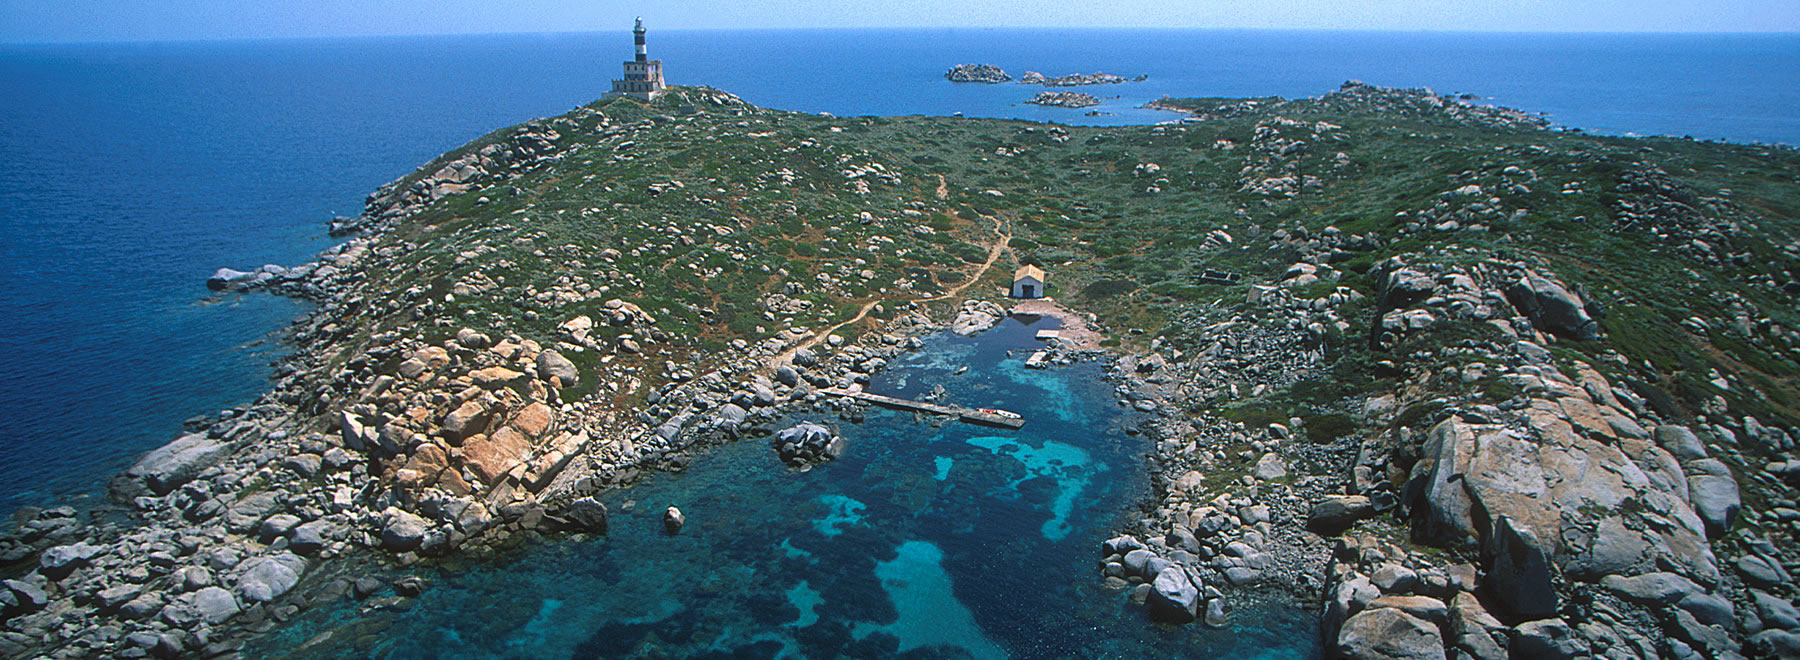 Turisti si schiantano con la barca sull 39 isola dei cavoli for Isola arreda cagliari